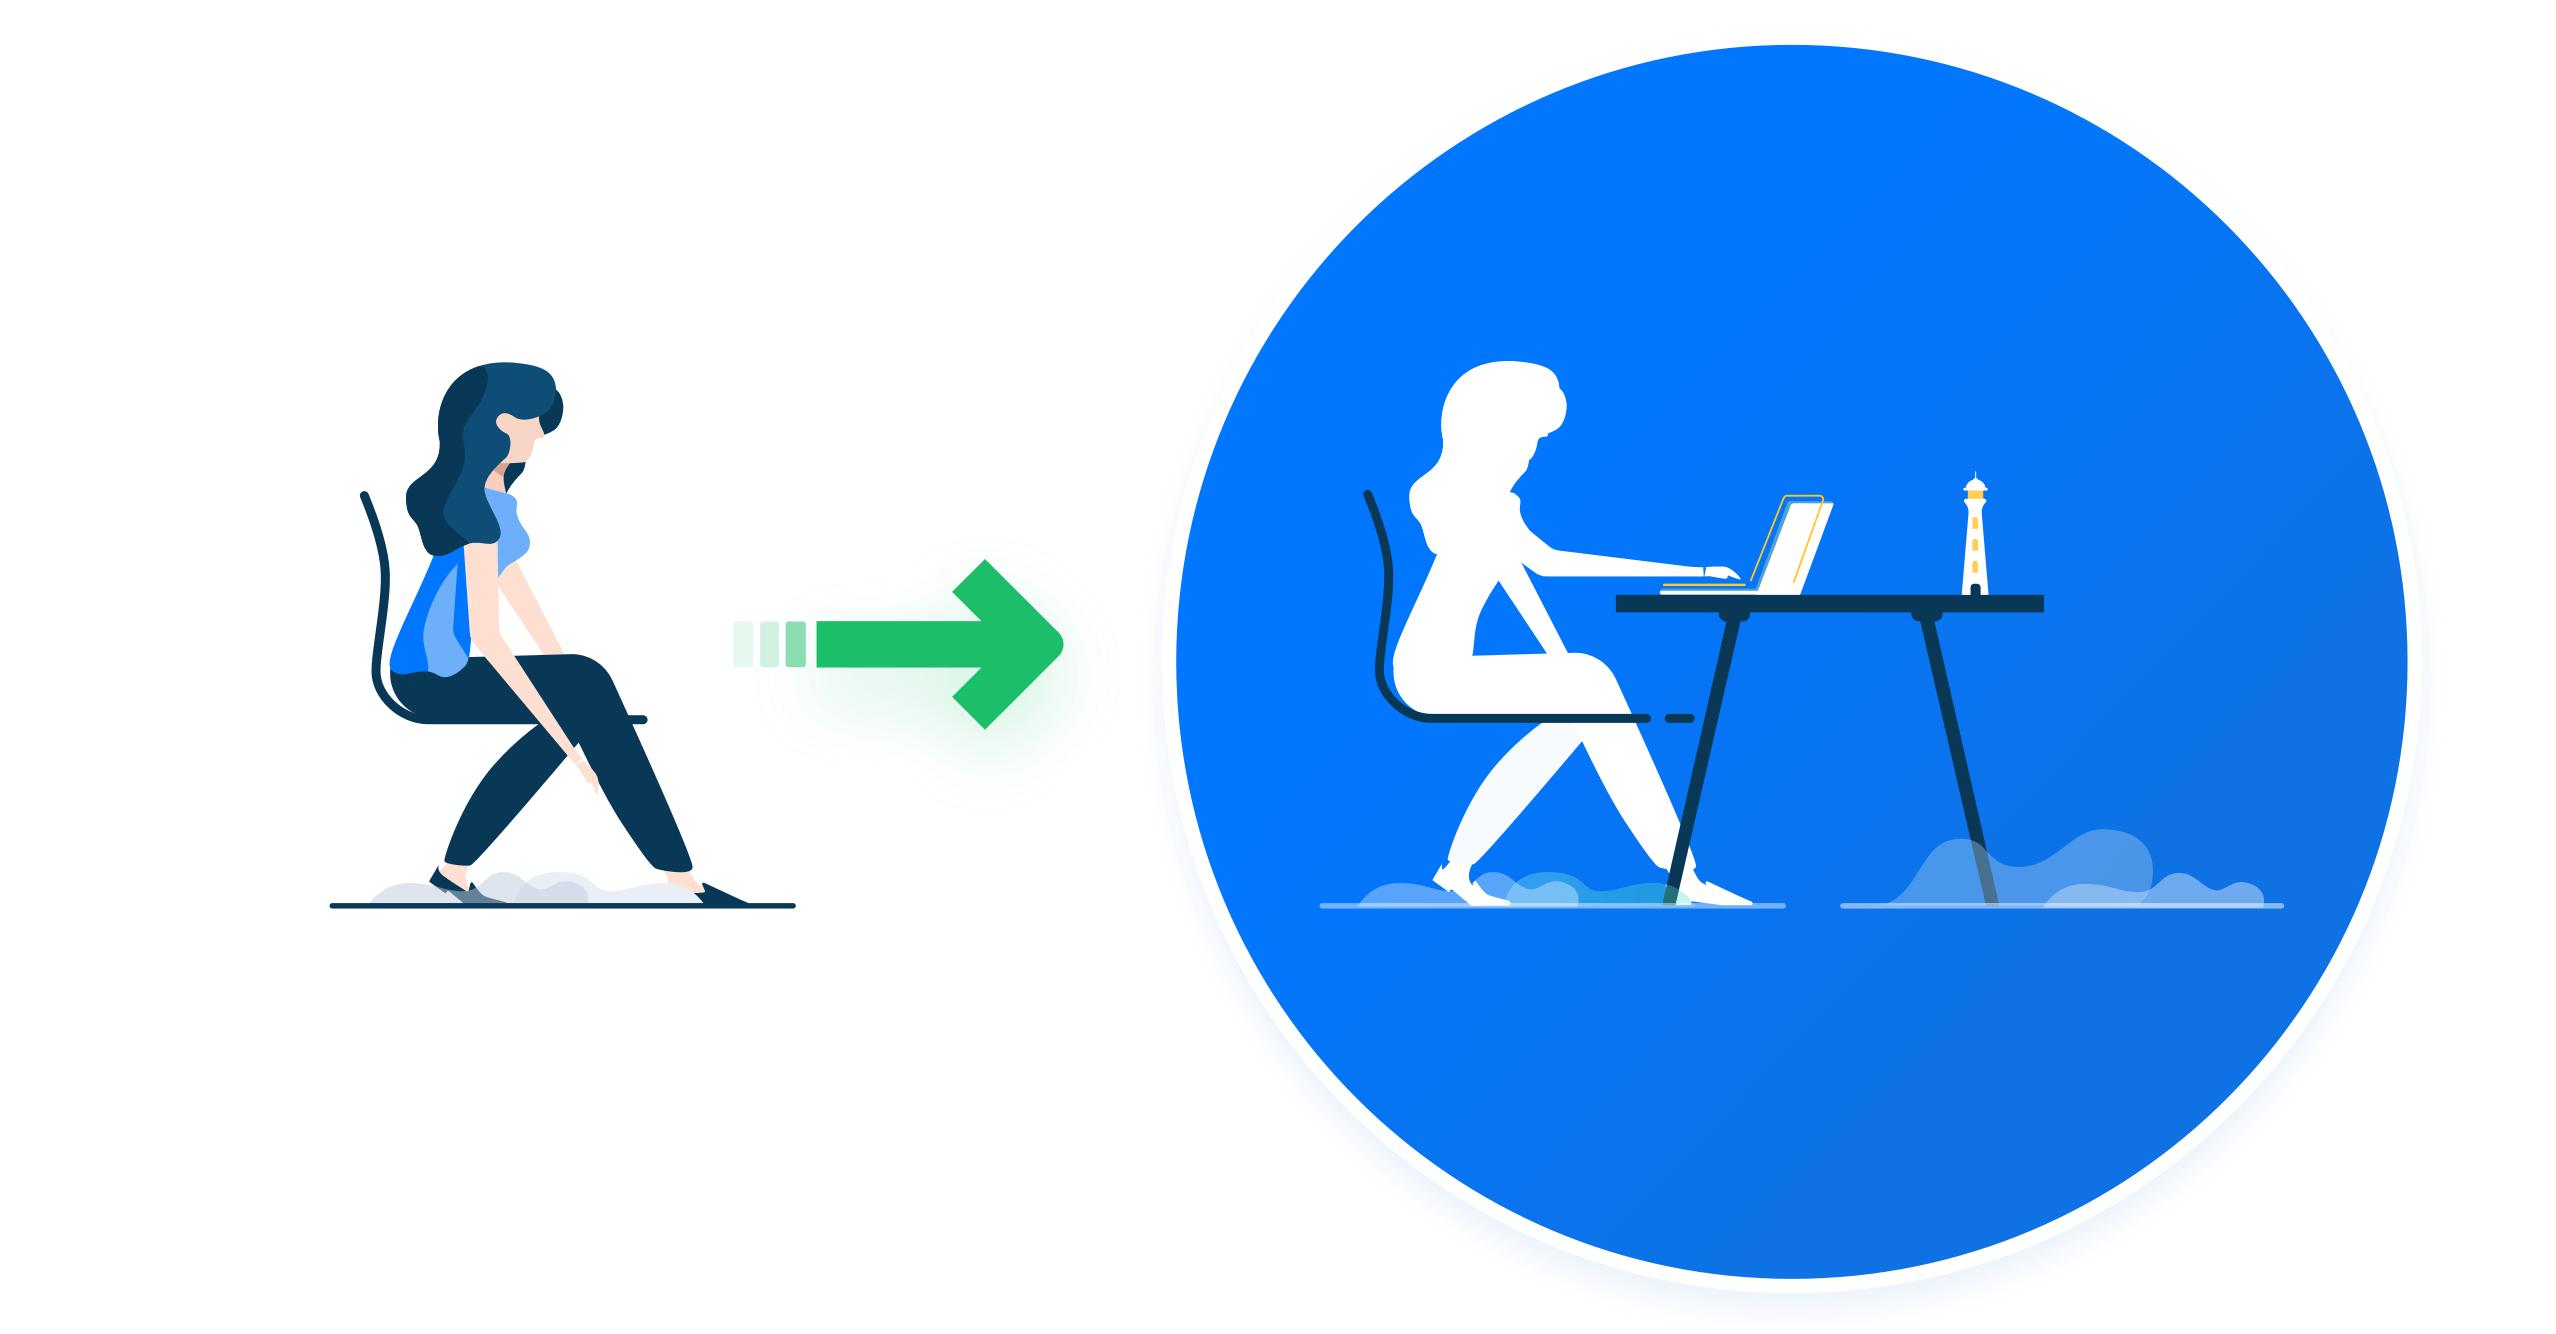 Онбординг помогает вовлечь нового сотрудника в рабочий процесс